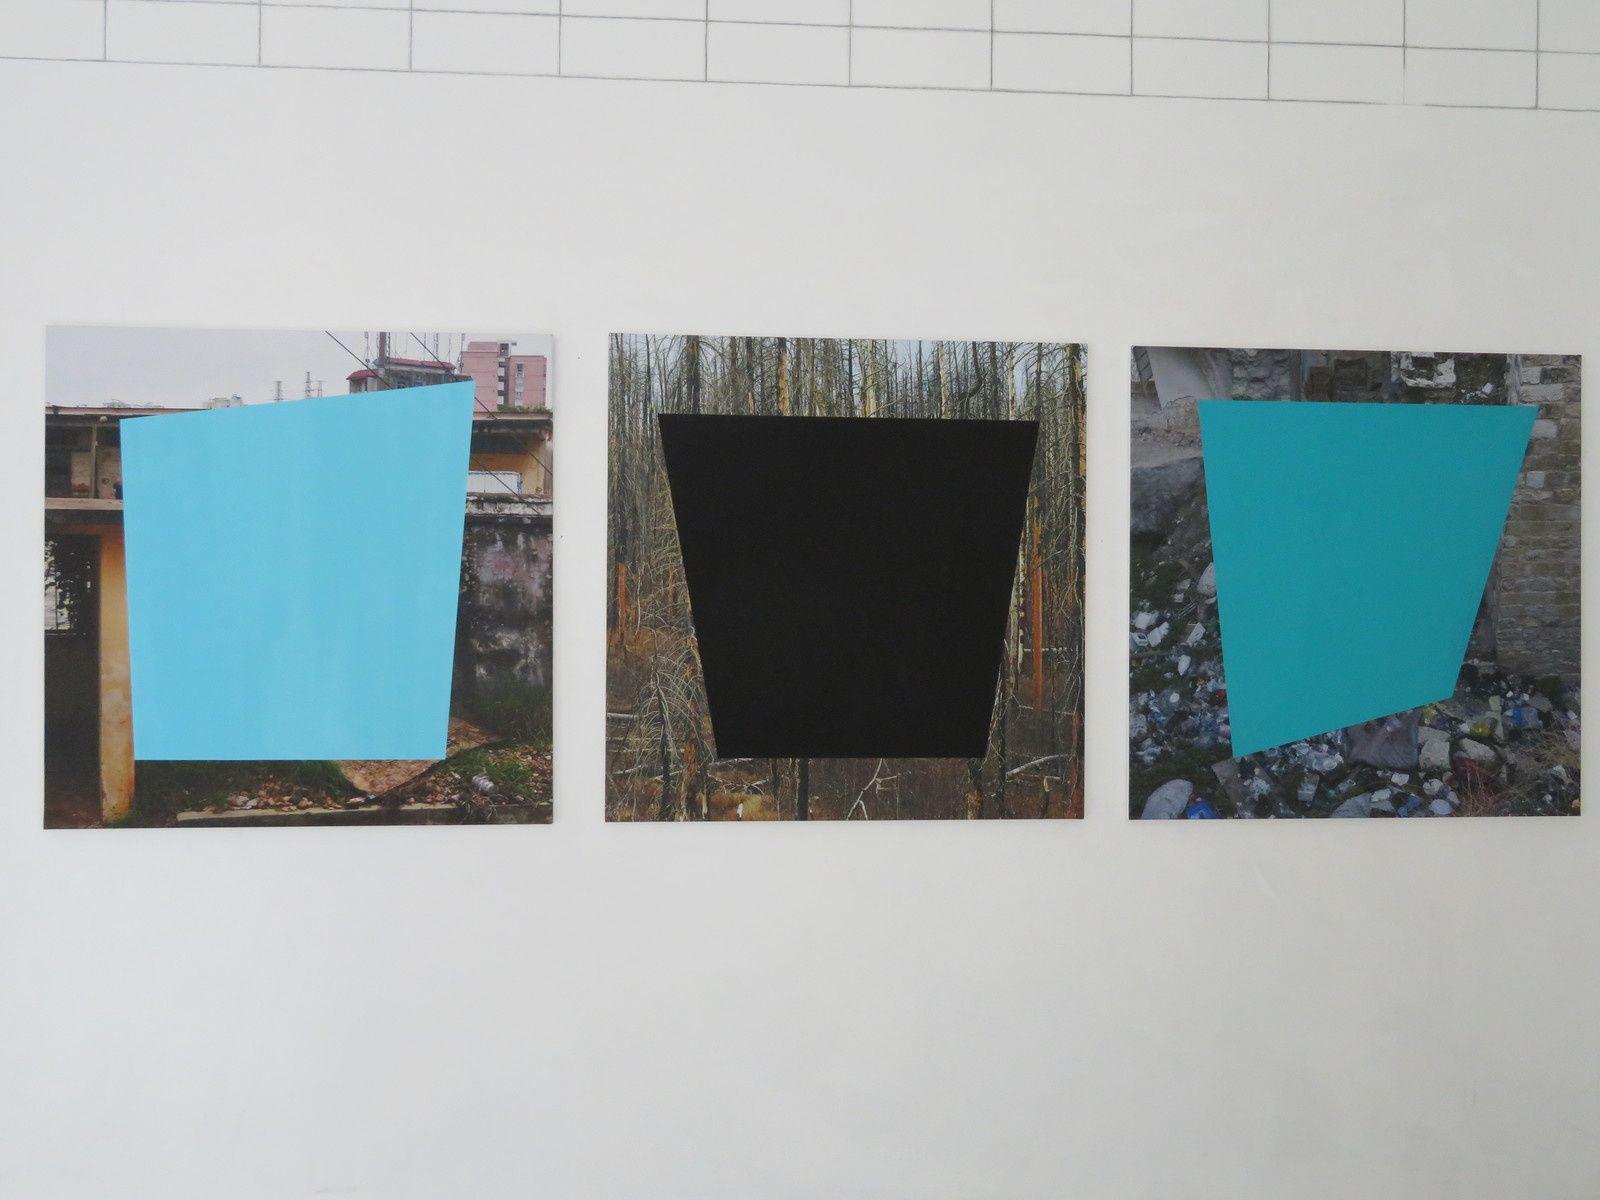 Exposition Vers le sens de la rue de Chimène Denneulin : De la photographie vers des déconstructions de l'espace par la couleur